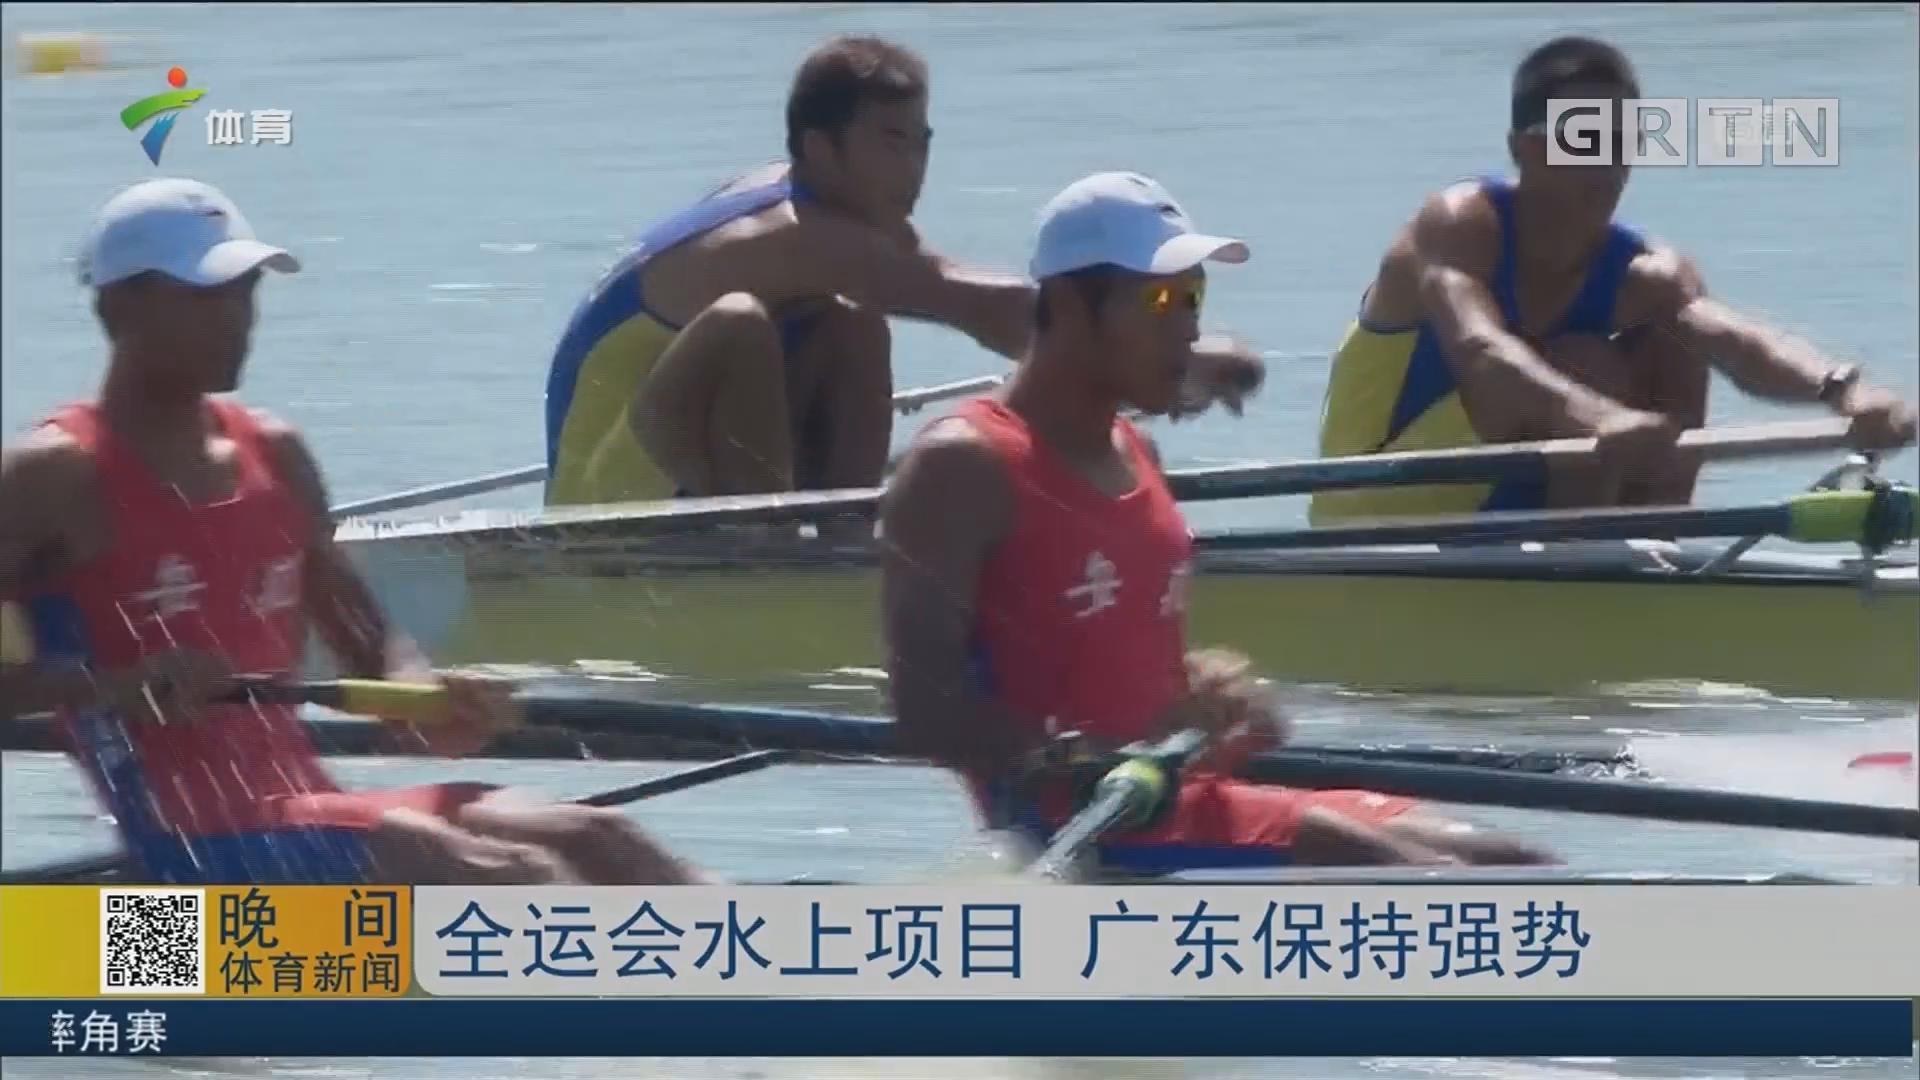 全运会水上项目 广东保持强势